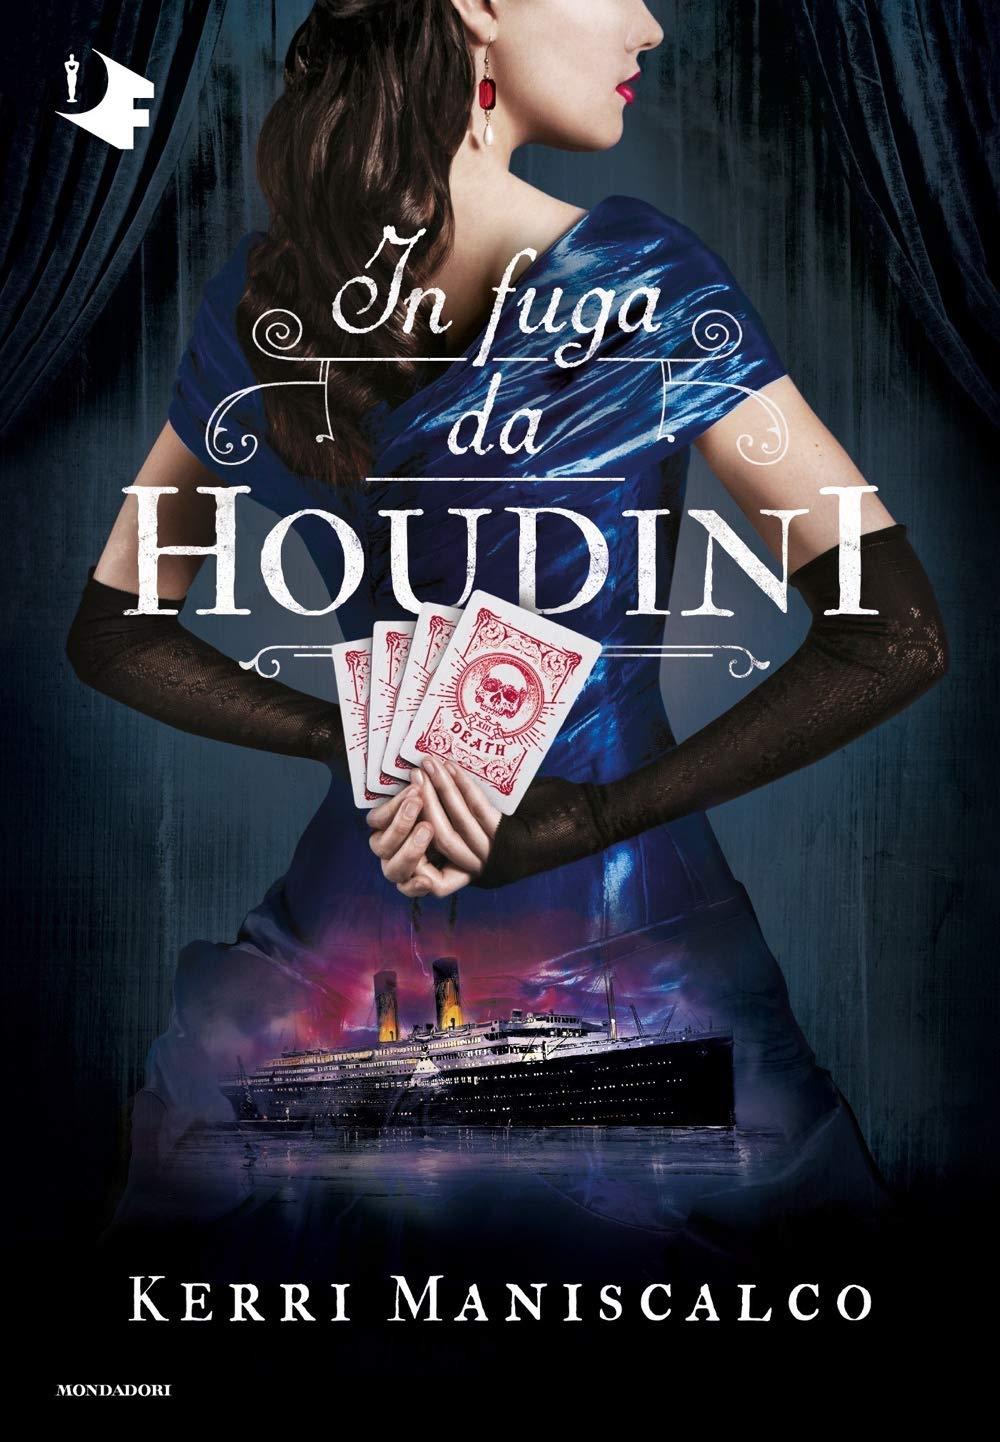 In fuga da Houdini di Kerri Maniscalco